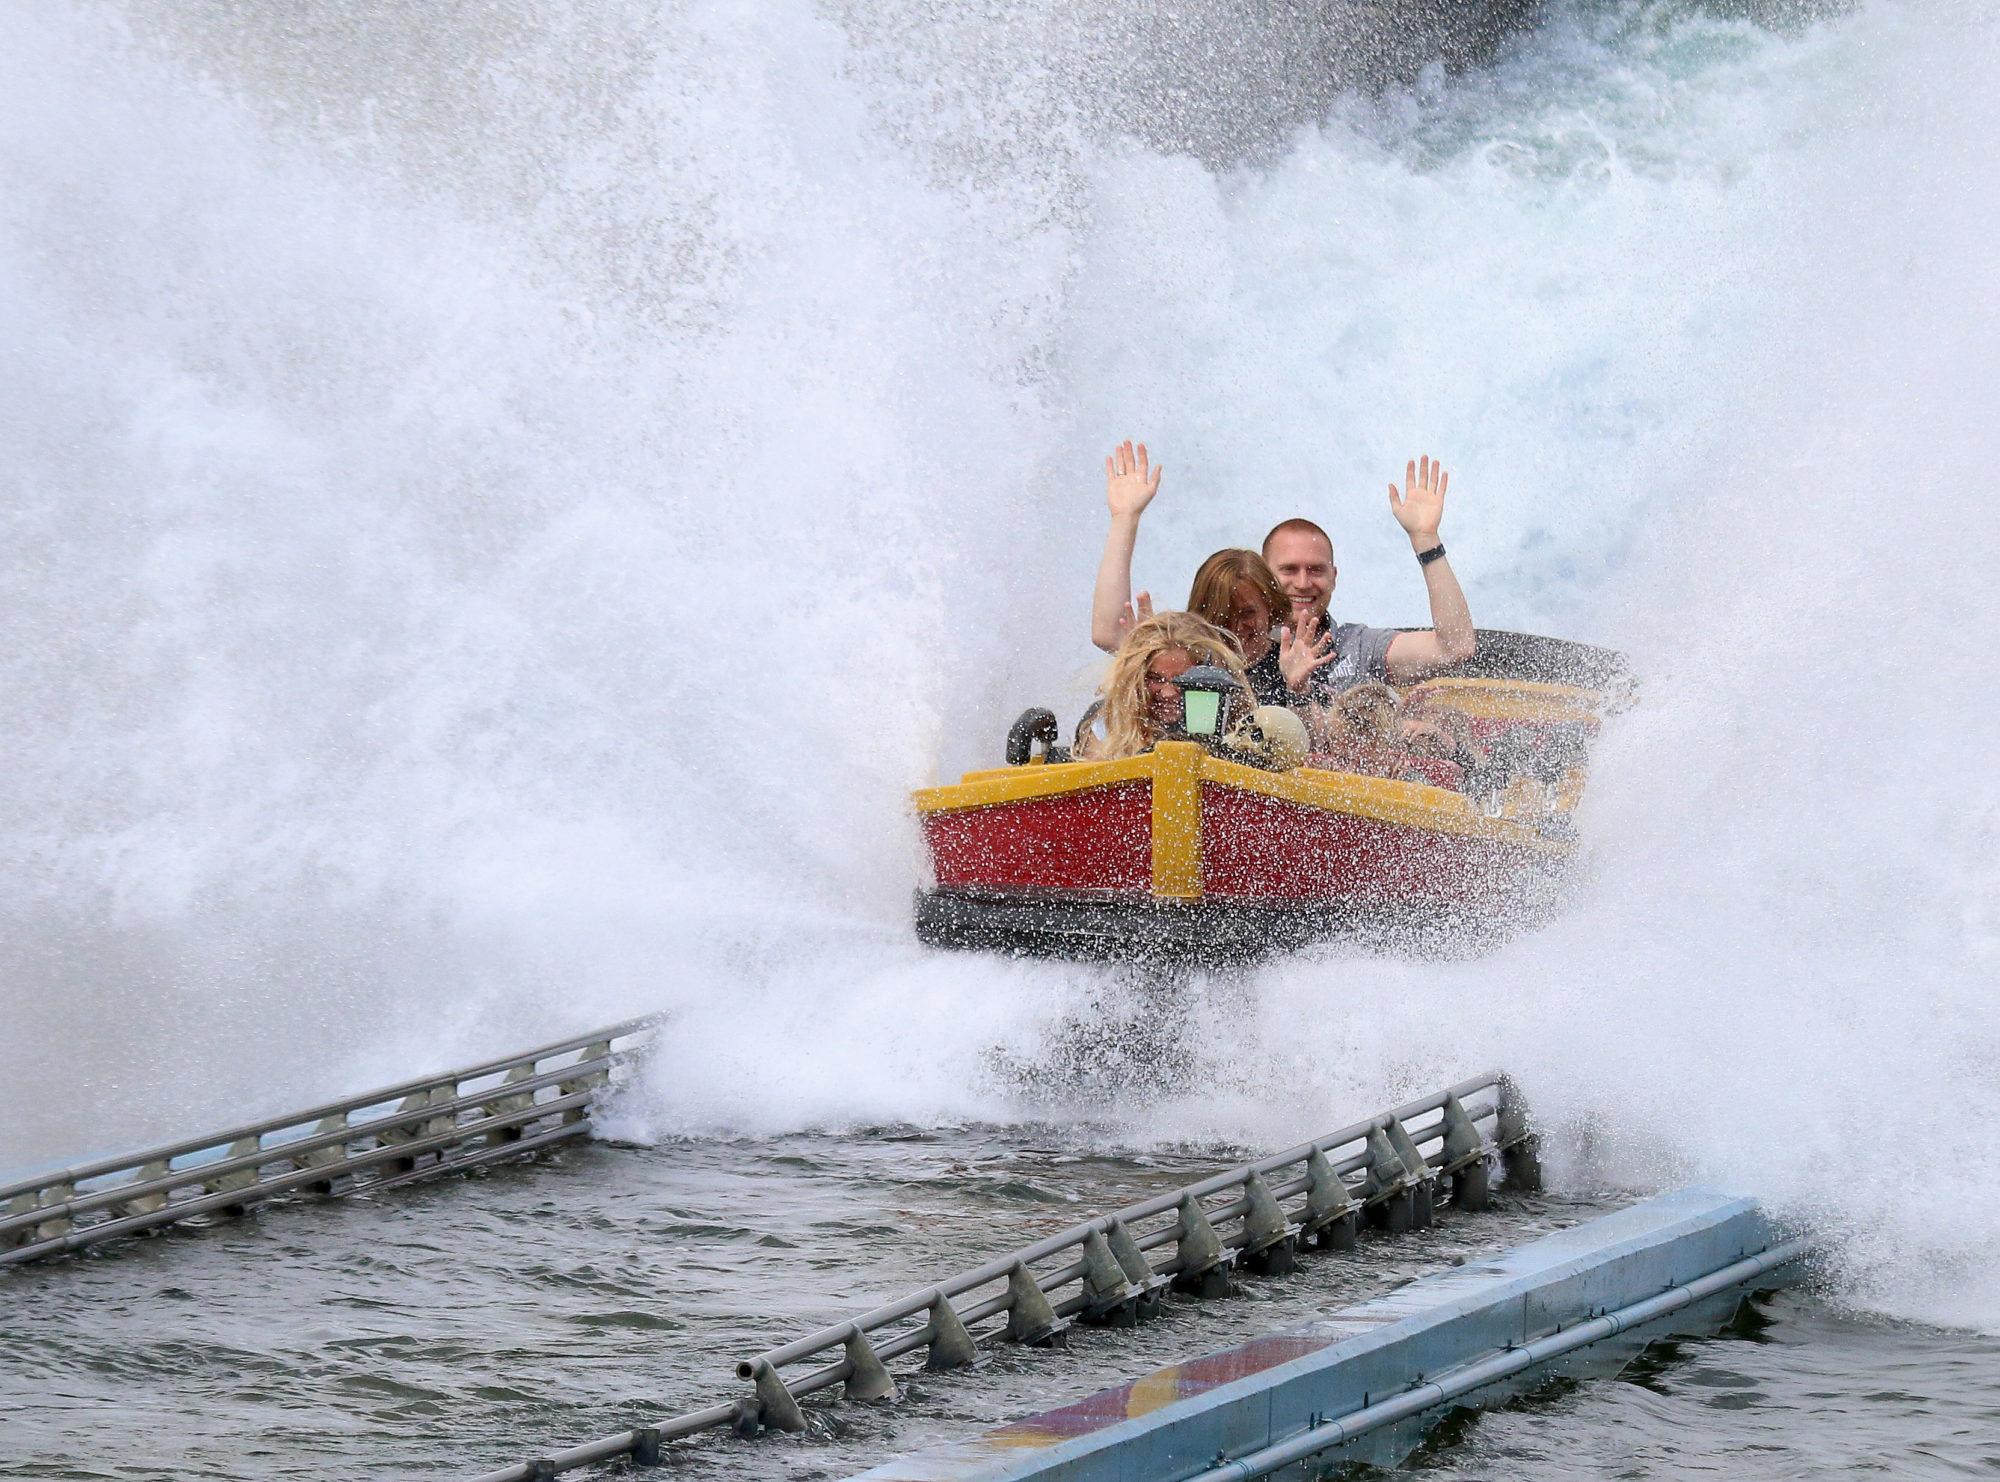 <strong>Famiielykke:</strong> På de aller felste attraksjonene i Djuts Sommerland, kan hele familien være med å more seg. Som her i «Skatteøen», som er Nord-Europas største Water Coaster. Foto: Fjord Line